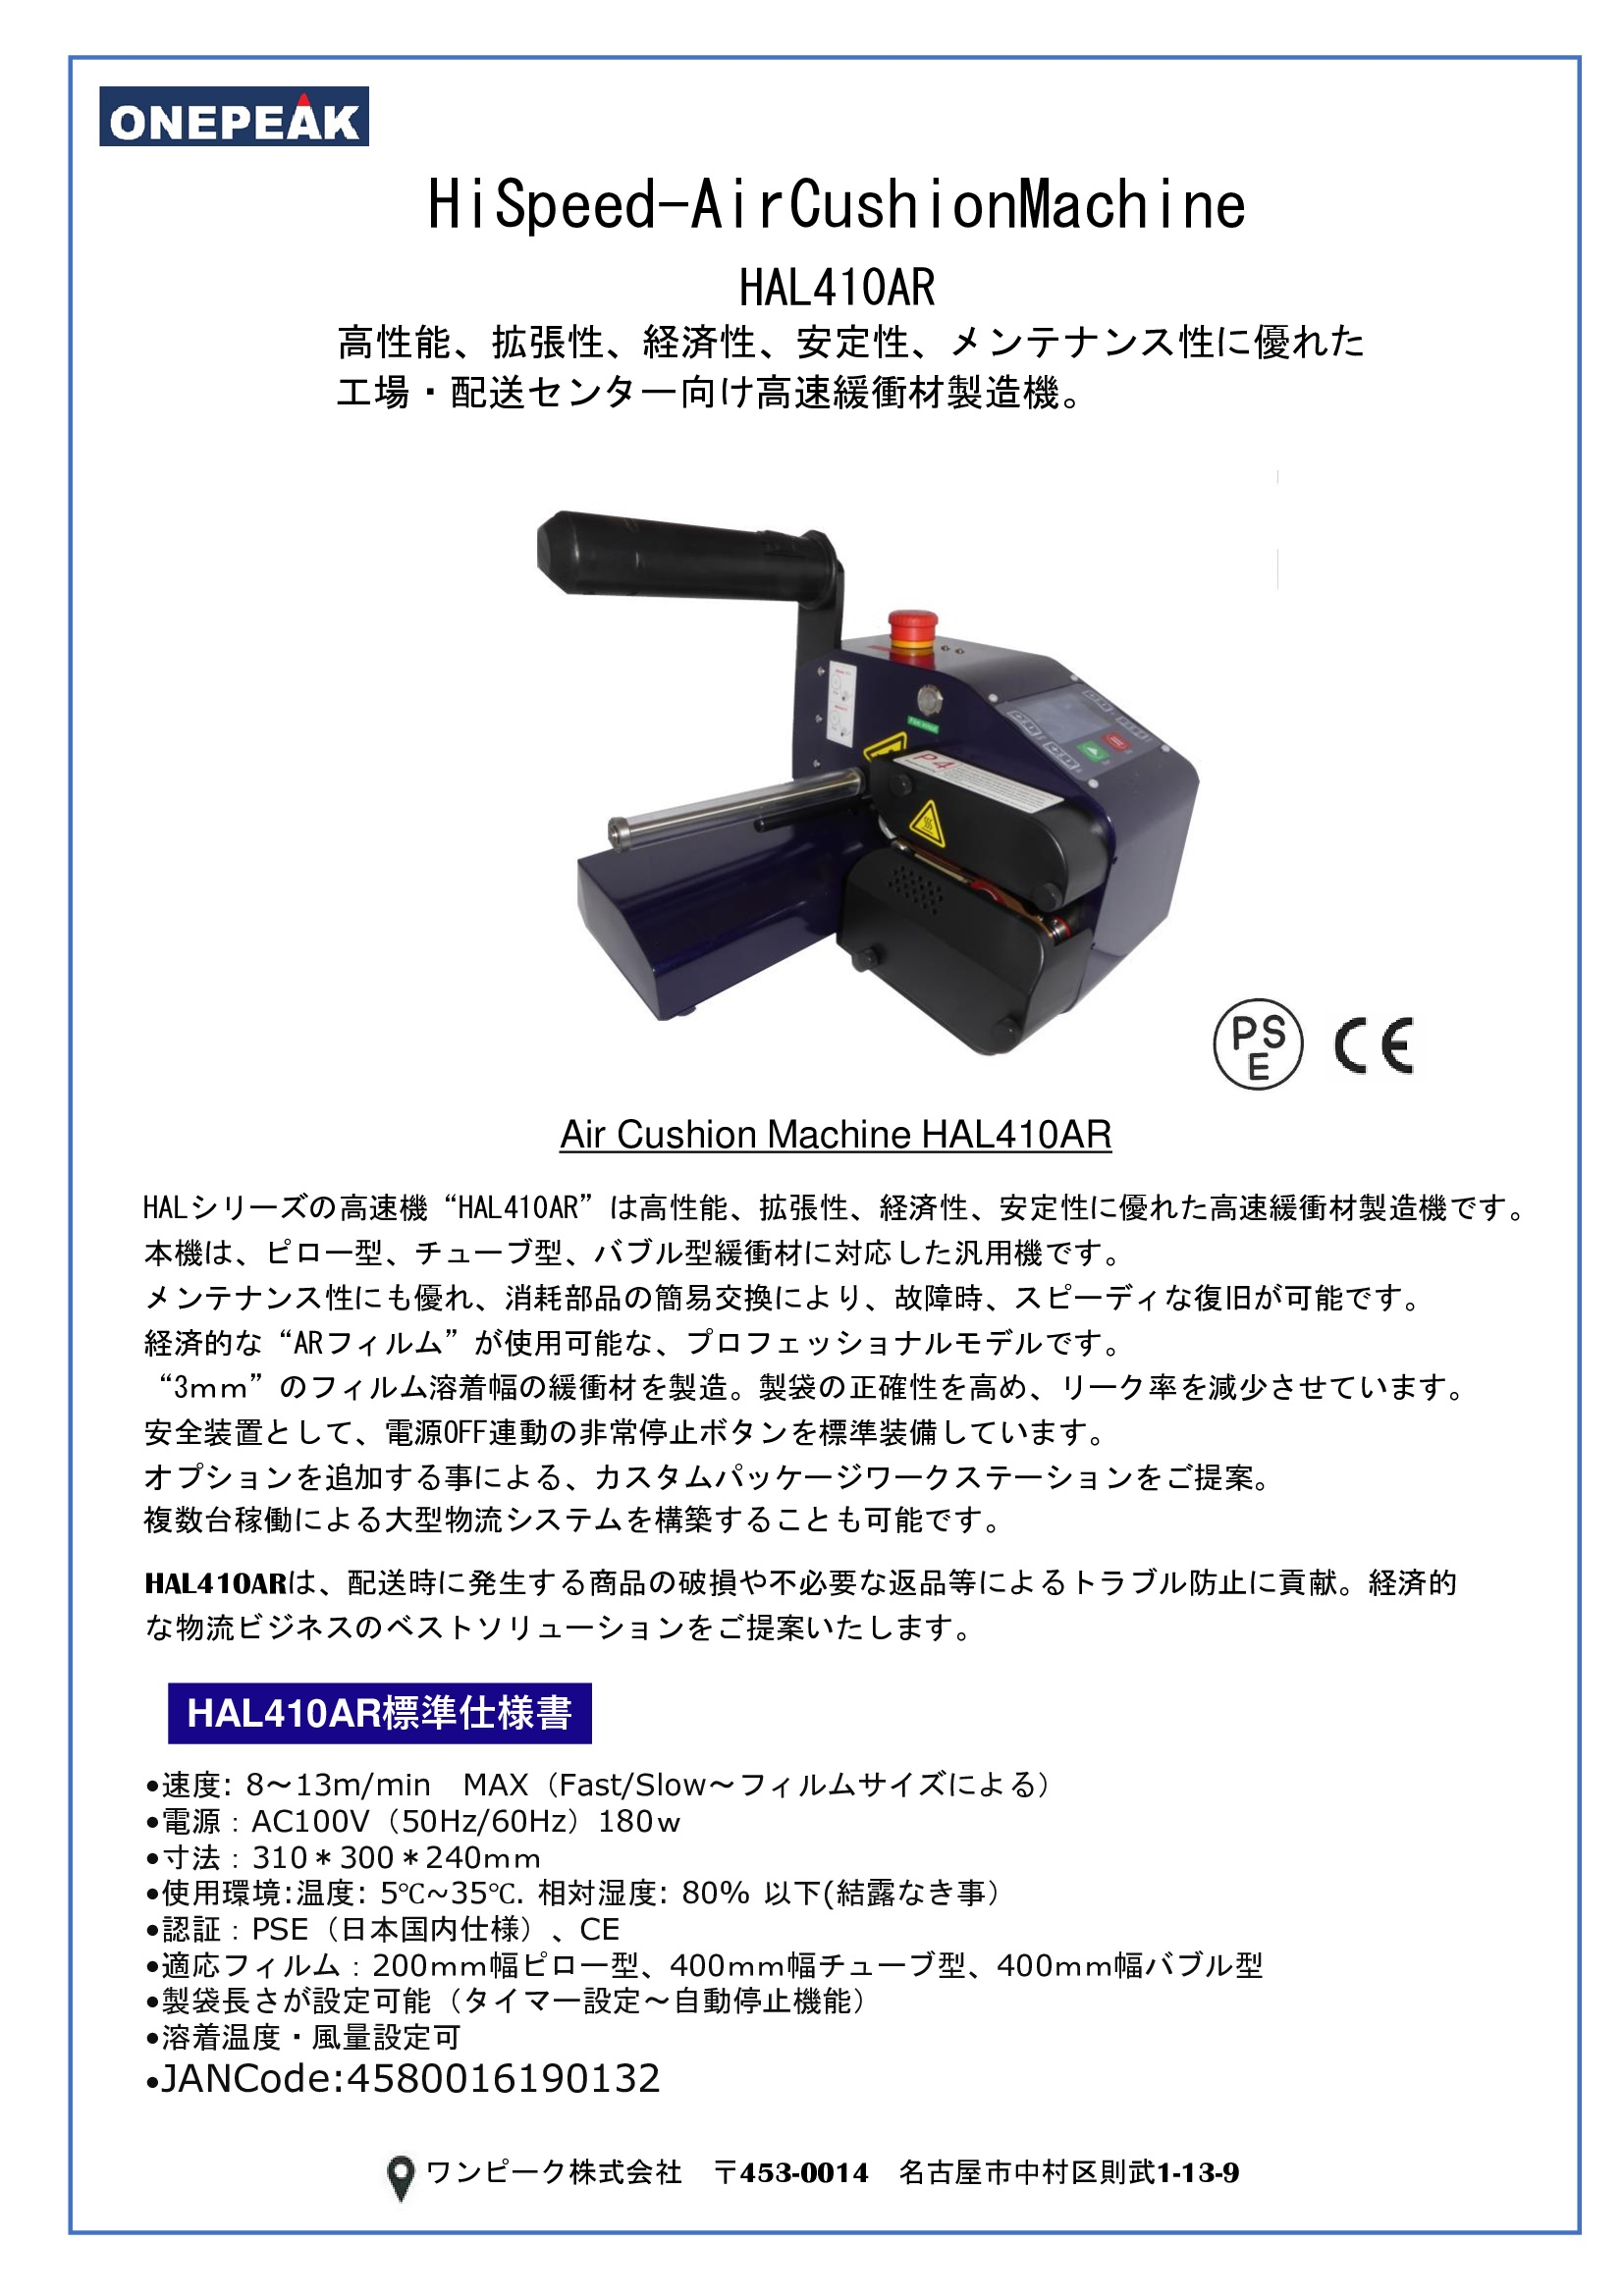 HAL410AR(表)